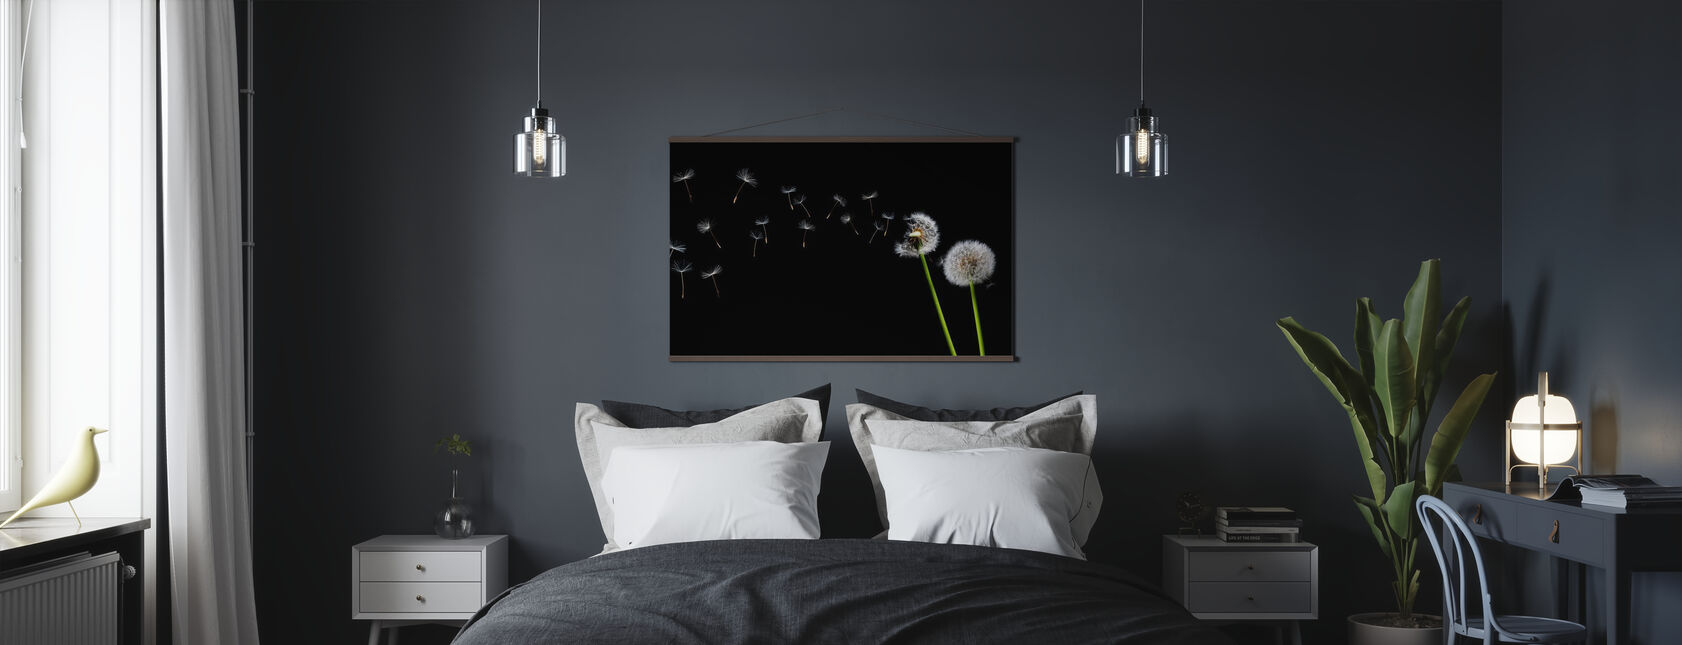 Dandelion Seeds in the Wind - Poster - Bedroom